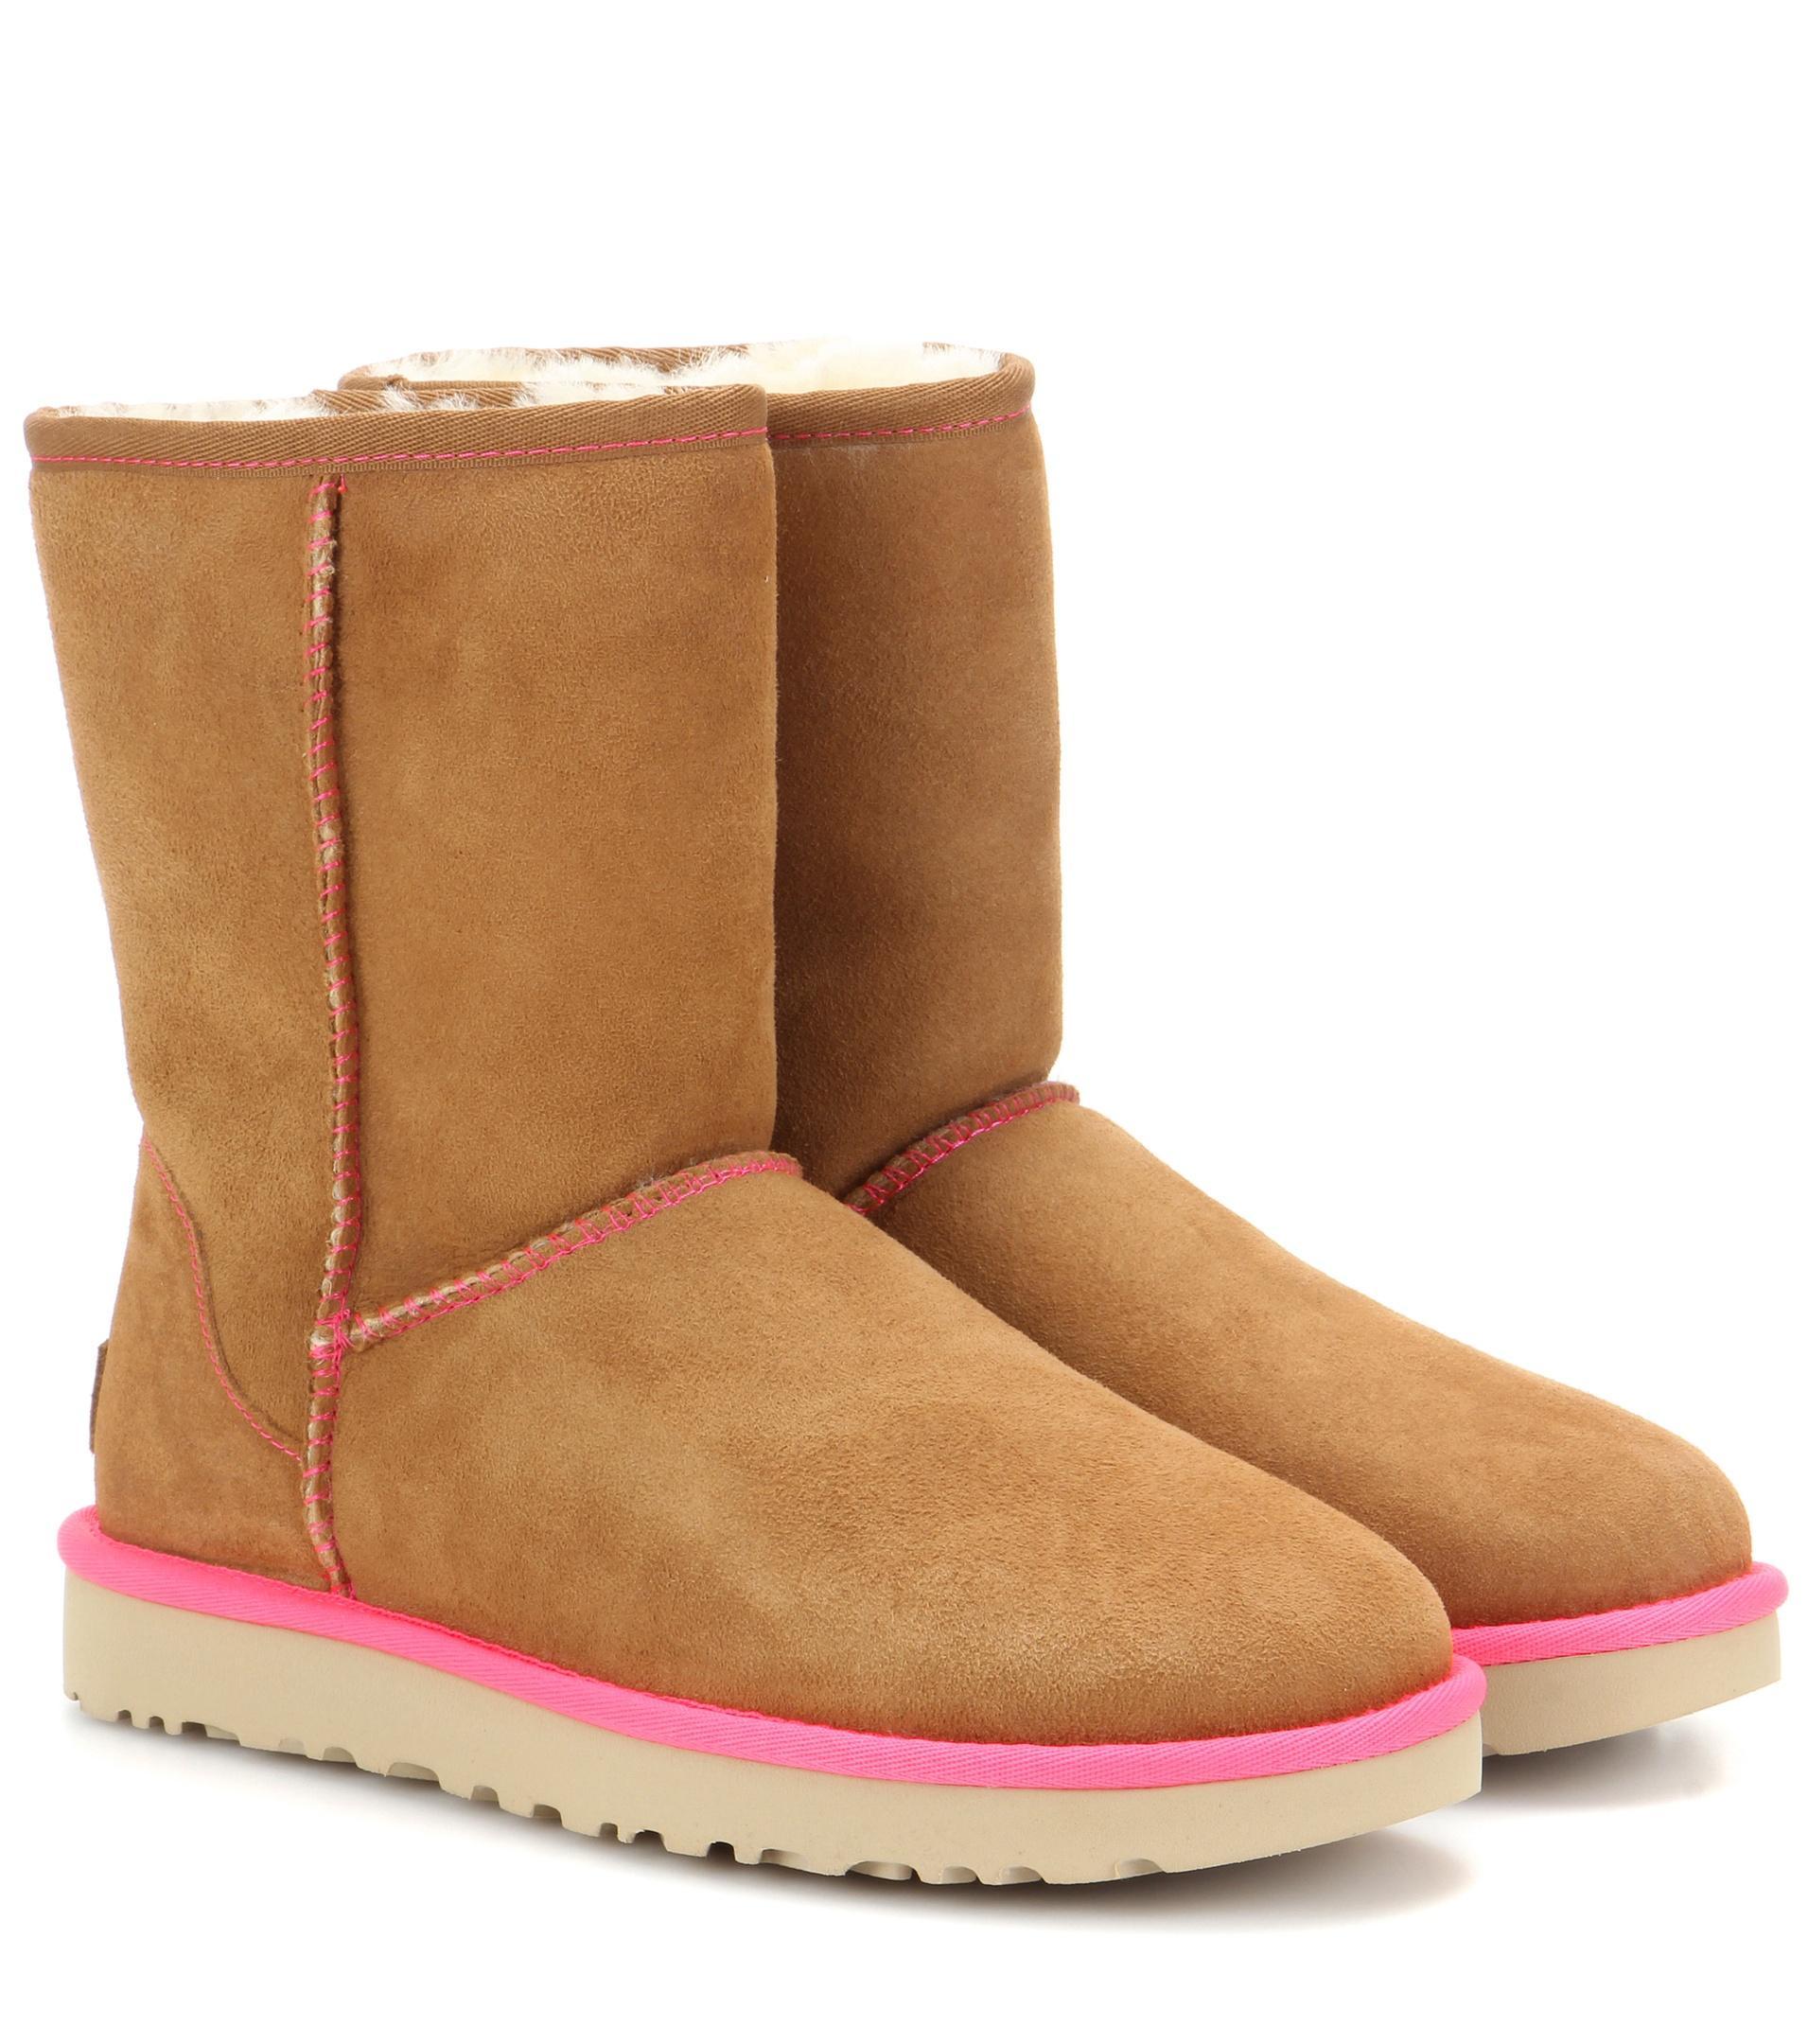 ugg damen boots classic short leather. Black Bedroom Furniture Sets. Home Design Ideas